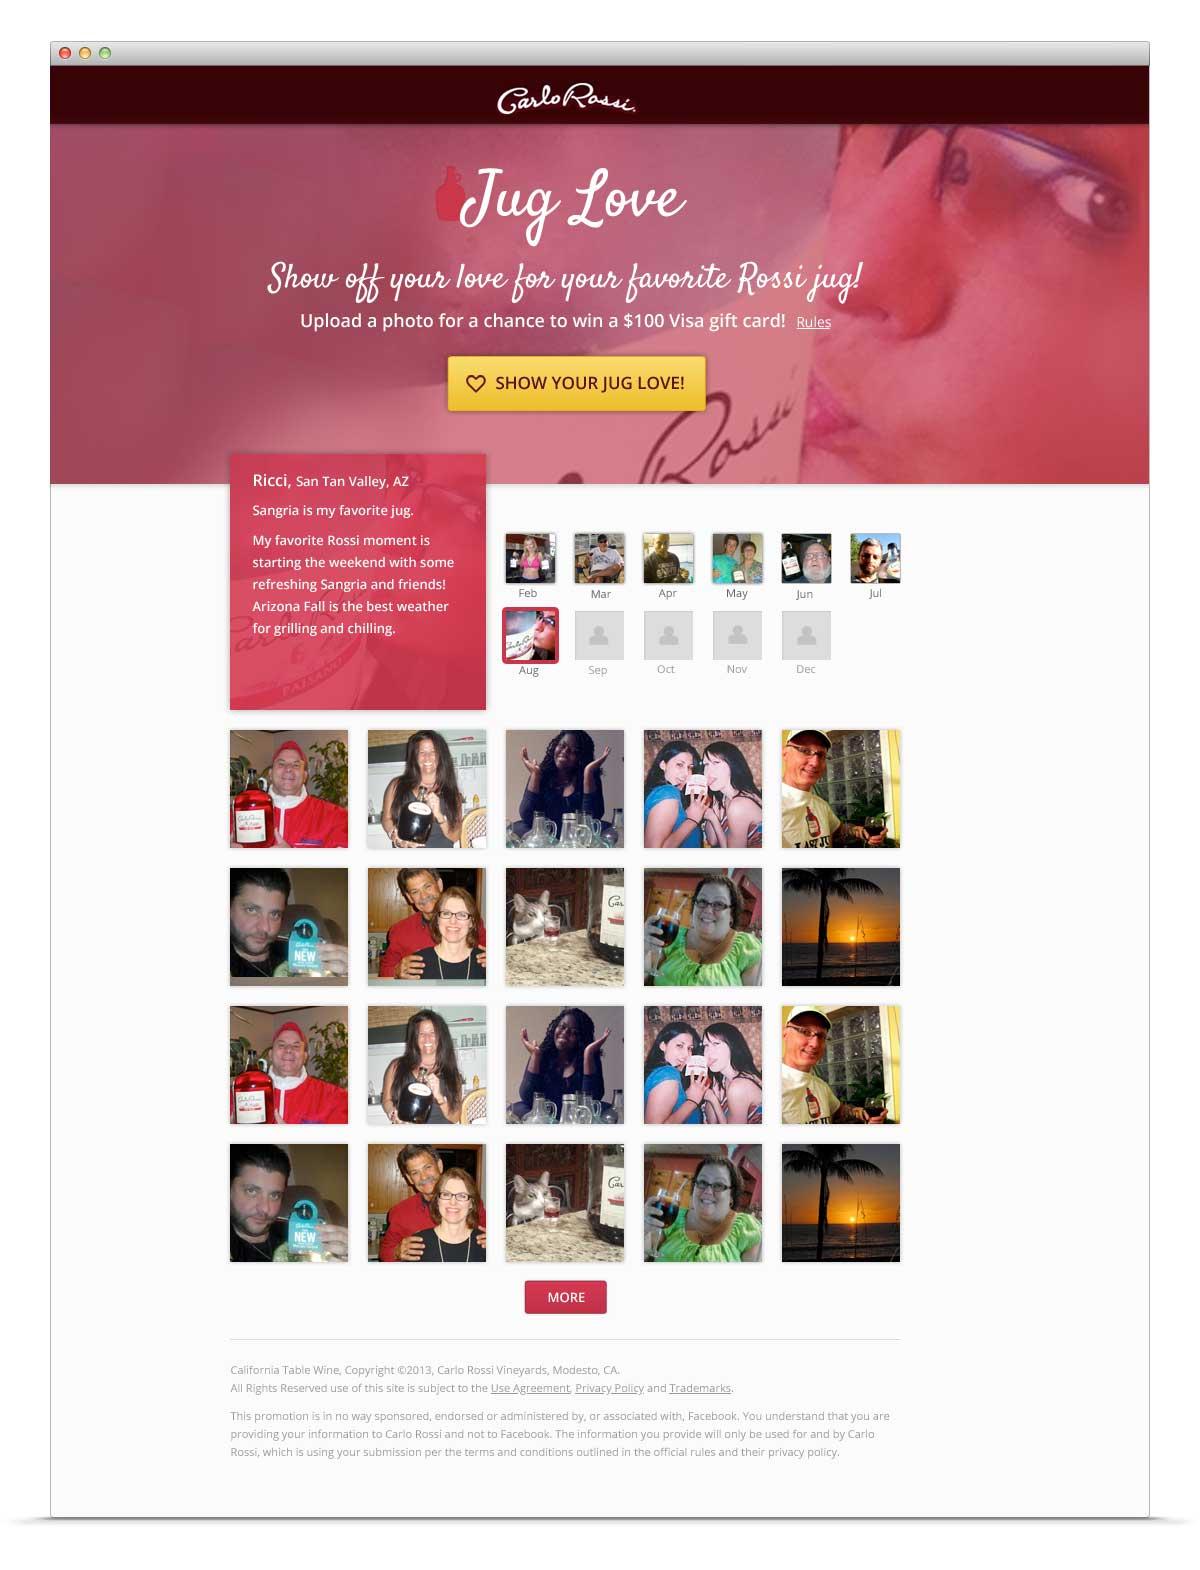 Carlo Rossi Jug Love campaign